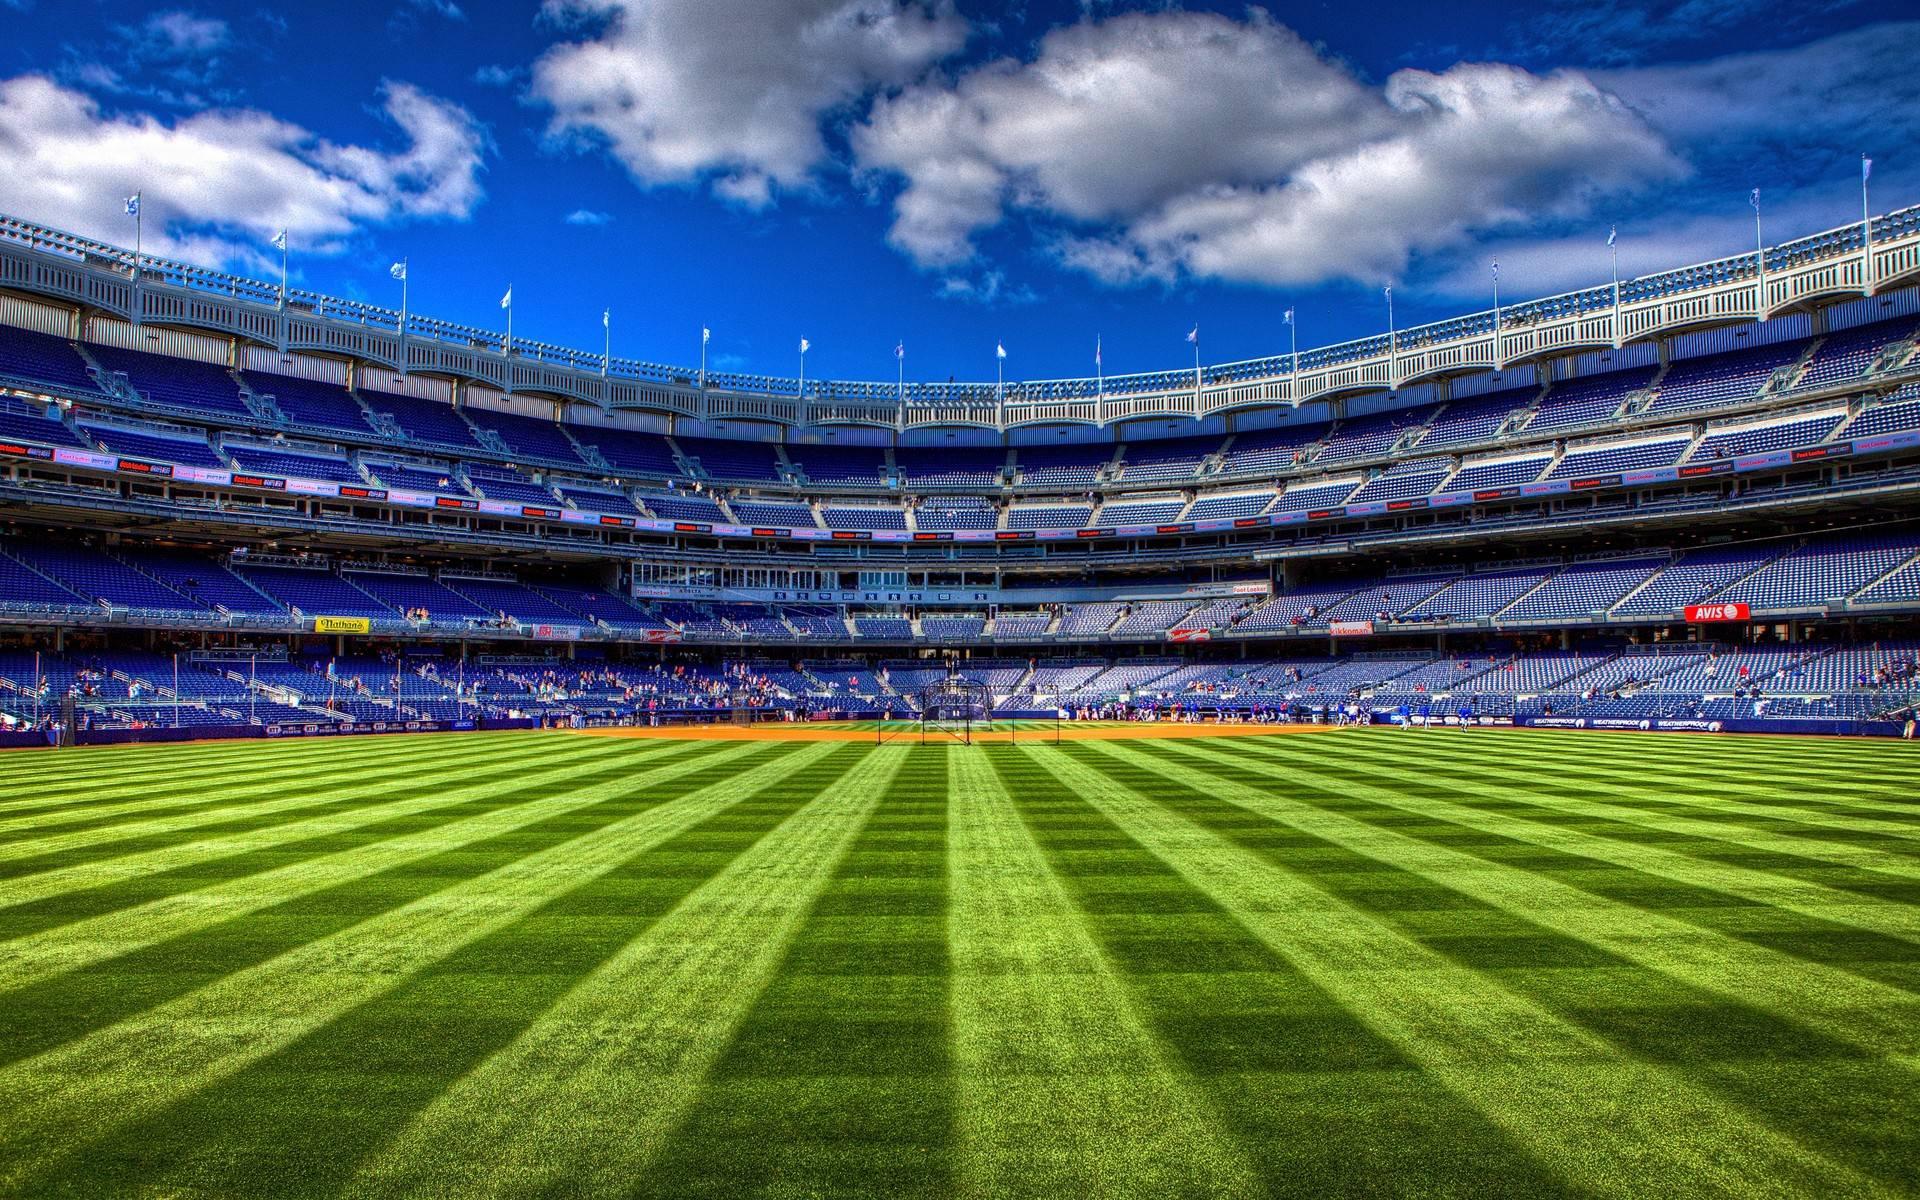 New Yankee Stadium Wallpaper